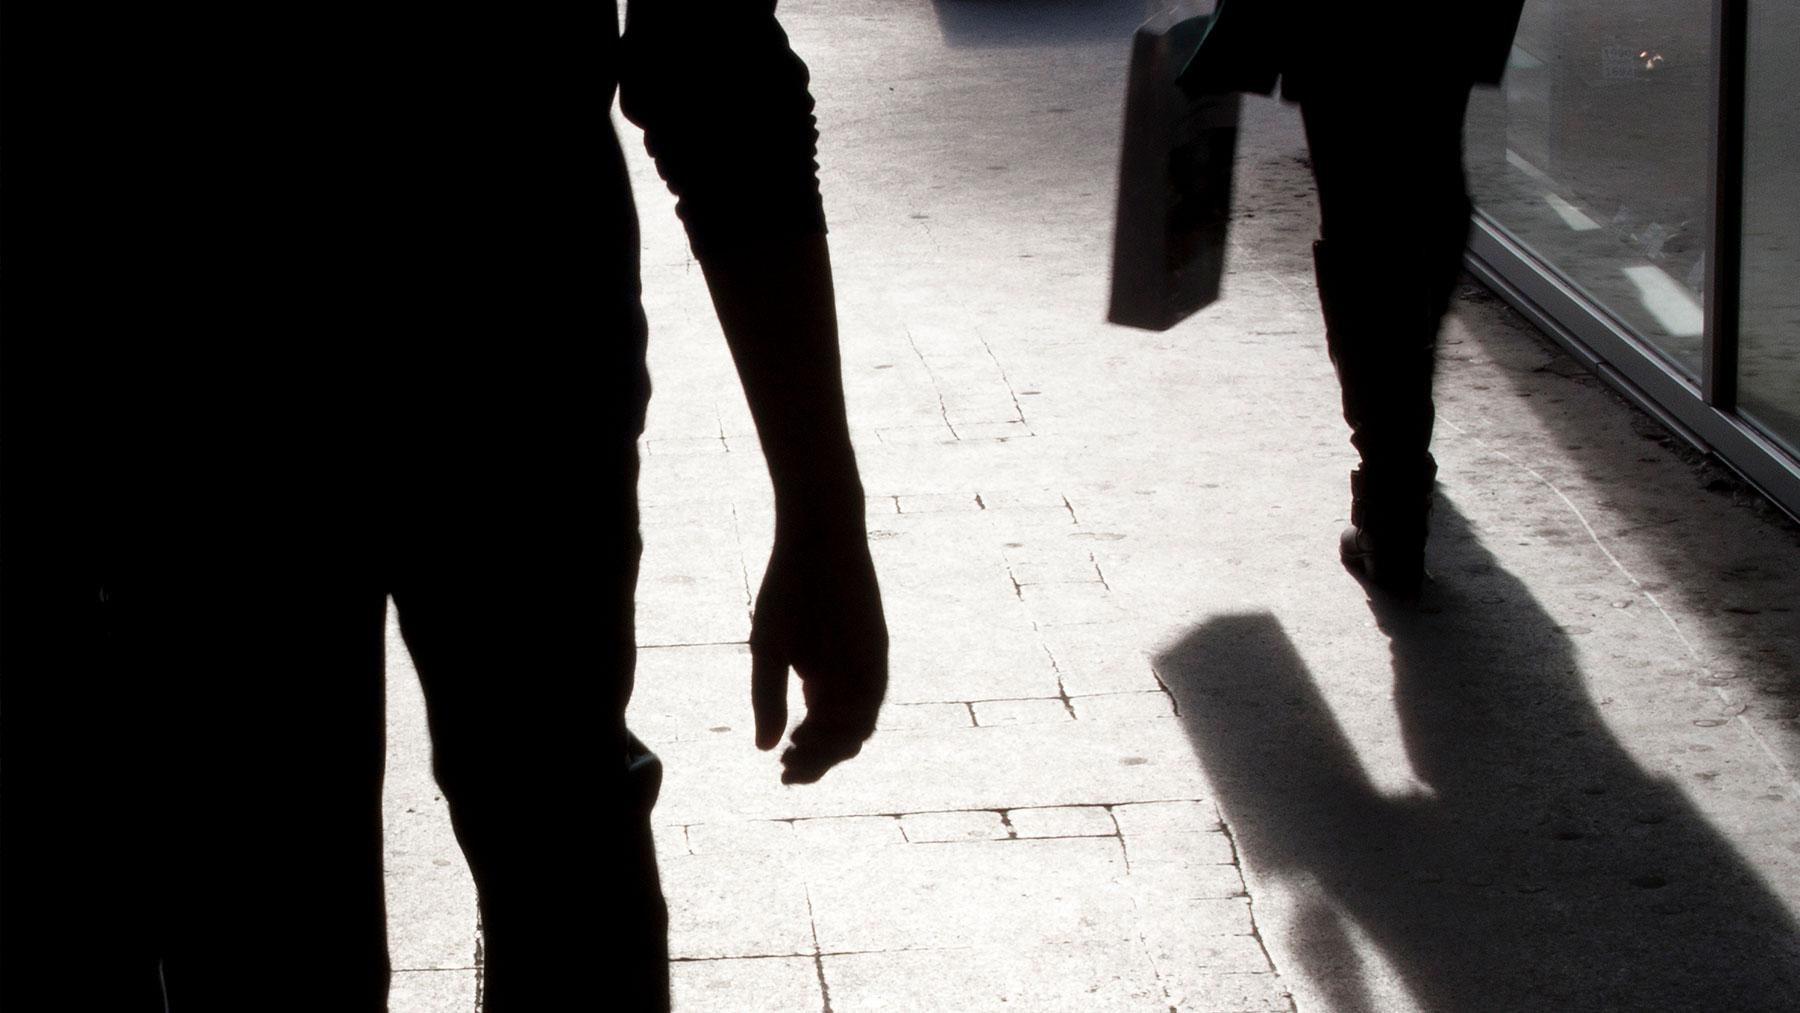 Zwart-wit foto van een persoon die iemand anders schaduwt.